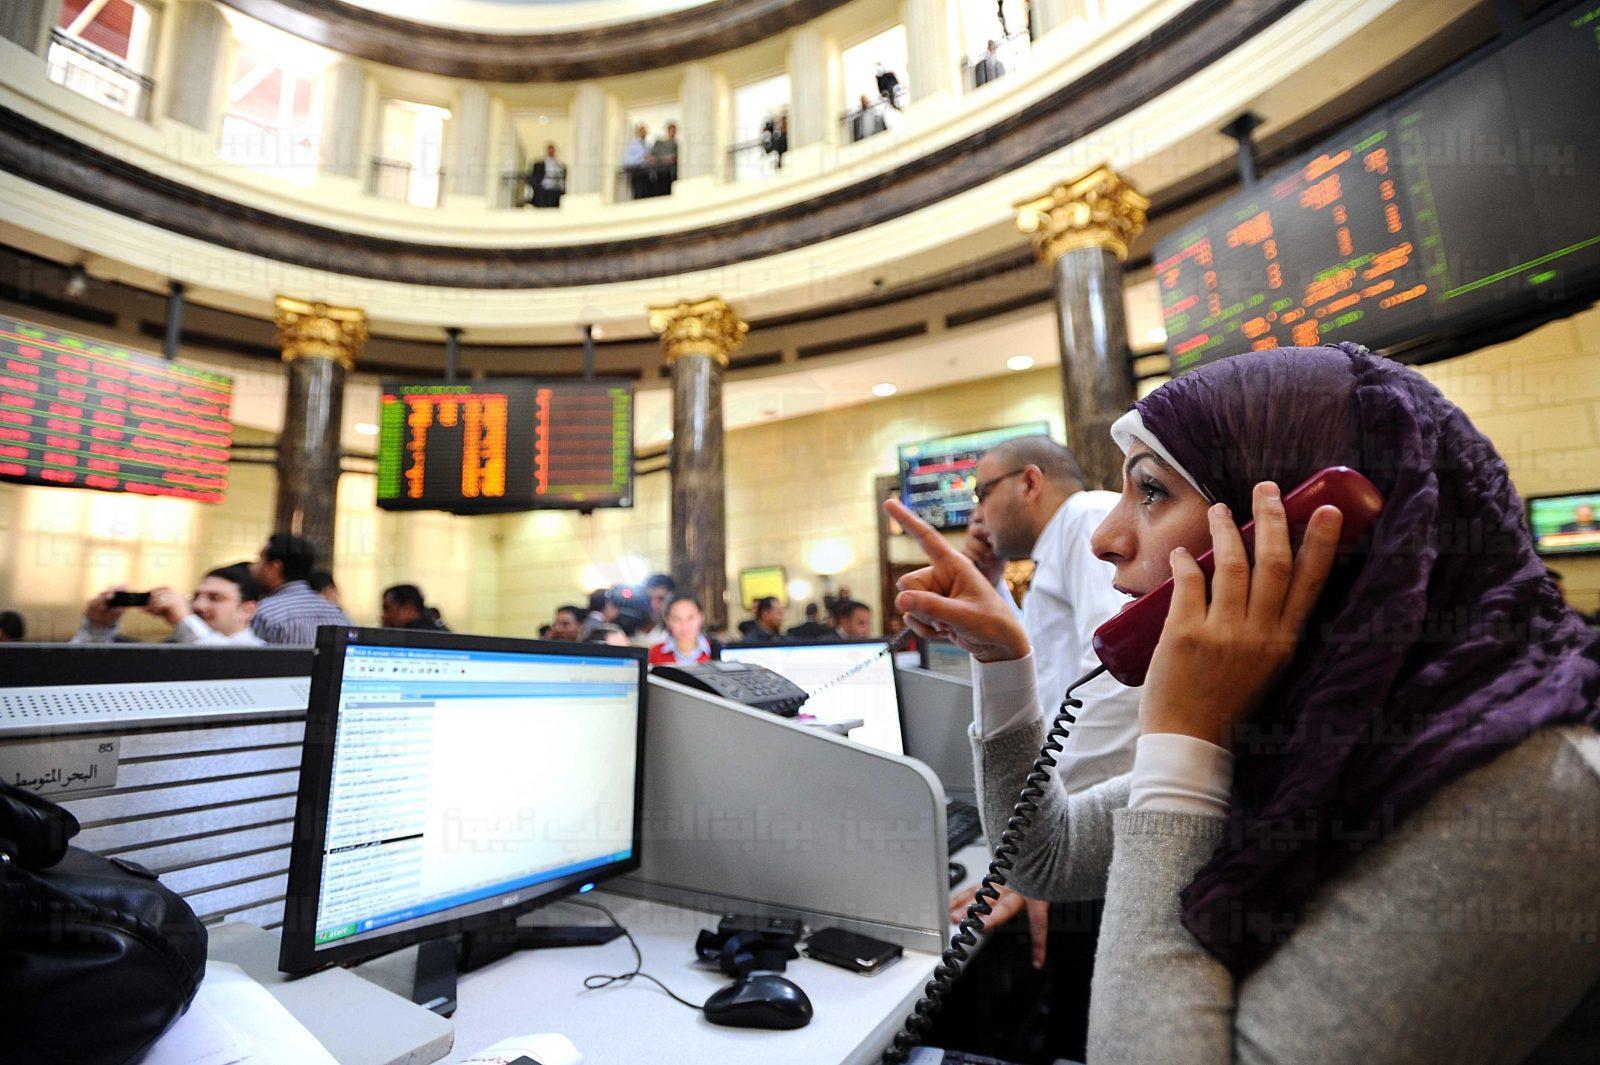 البورصة تواصل الهبوط وسط مبيعات الأجانب وتداولات ضعيفة - جريدة المال